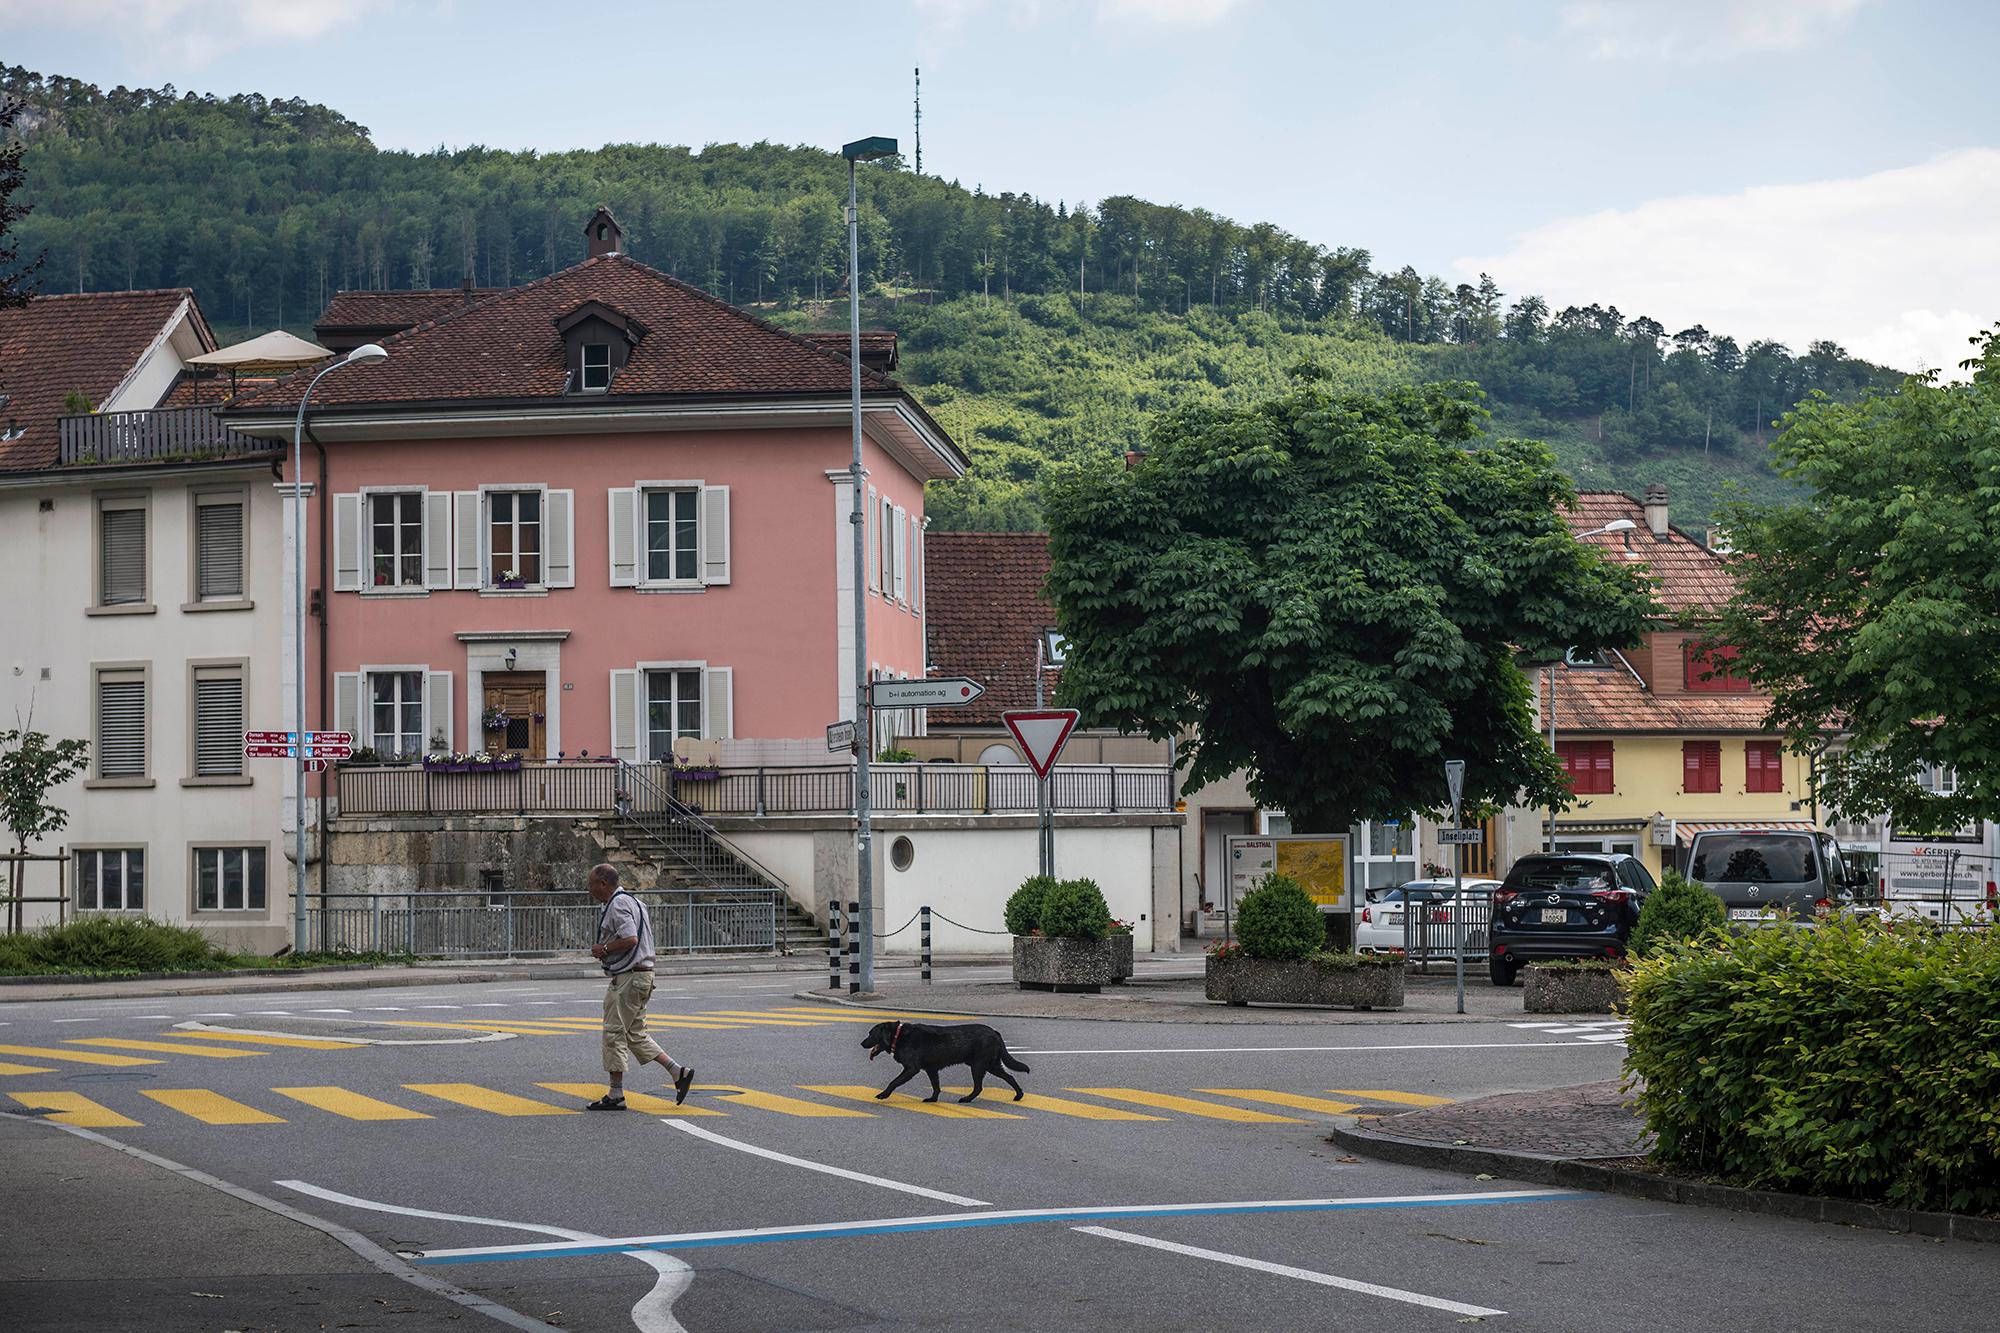 Grazie alla fibra ottica, il comune di Balsthal spera di avere presto a disposizione internet veloce